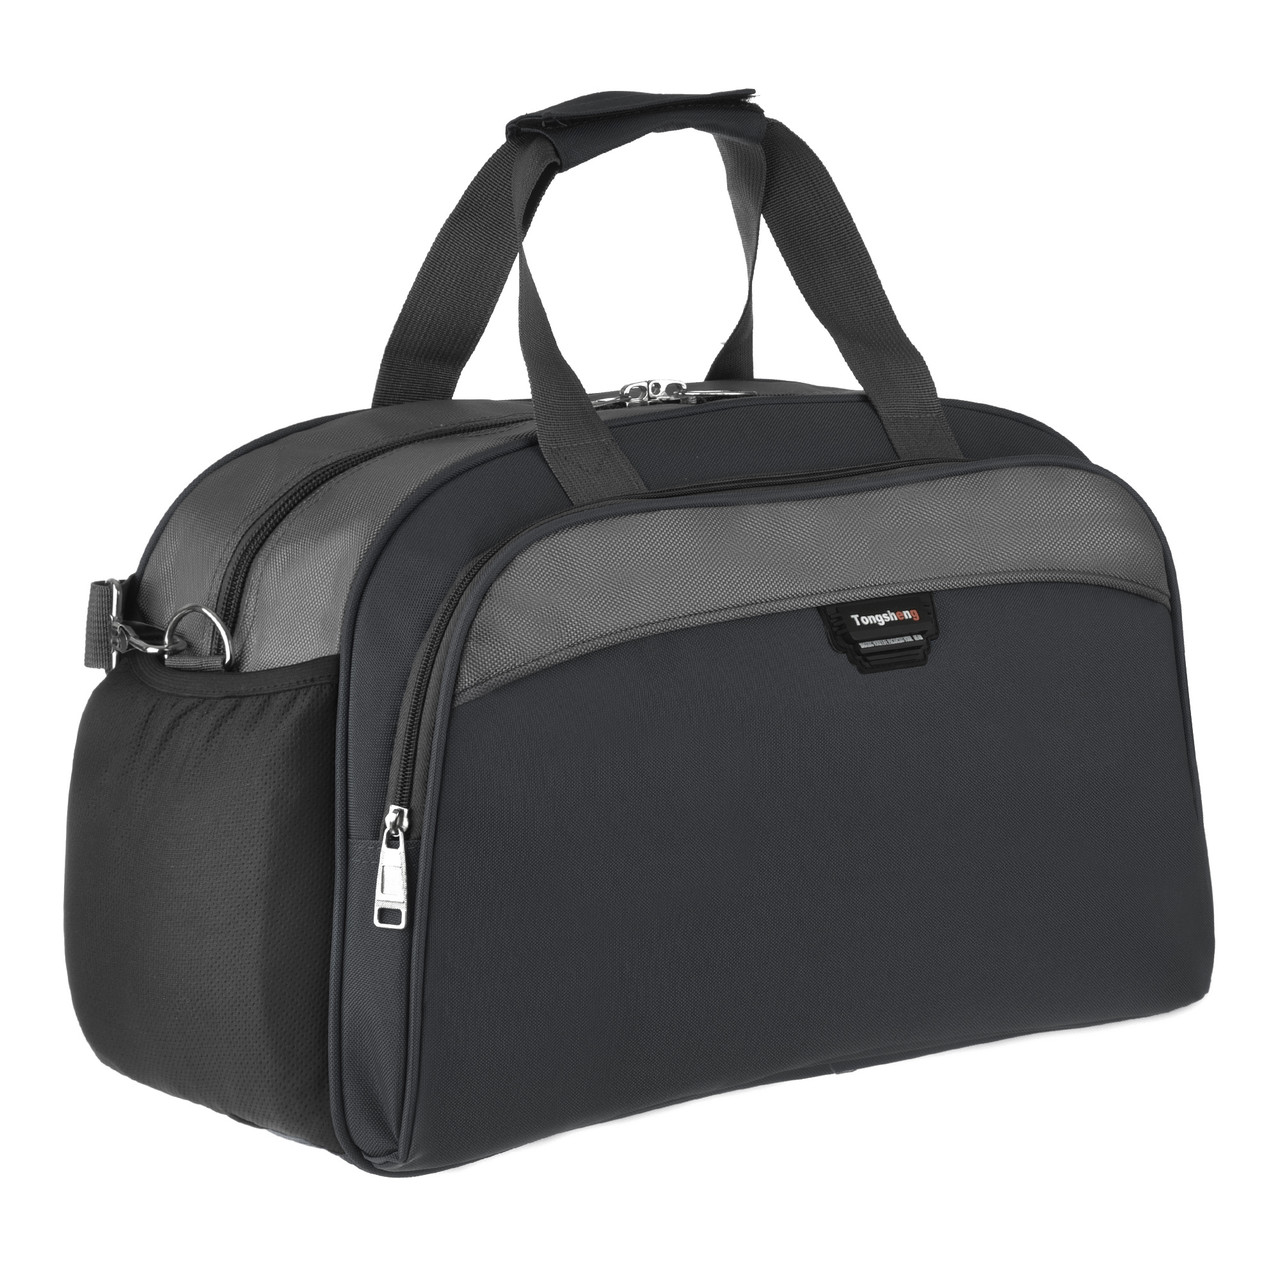 Дорожная сумка полиэстр TONGSHENG 49x32x22 чёрная  кс999028ч